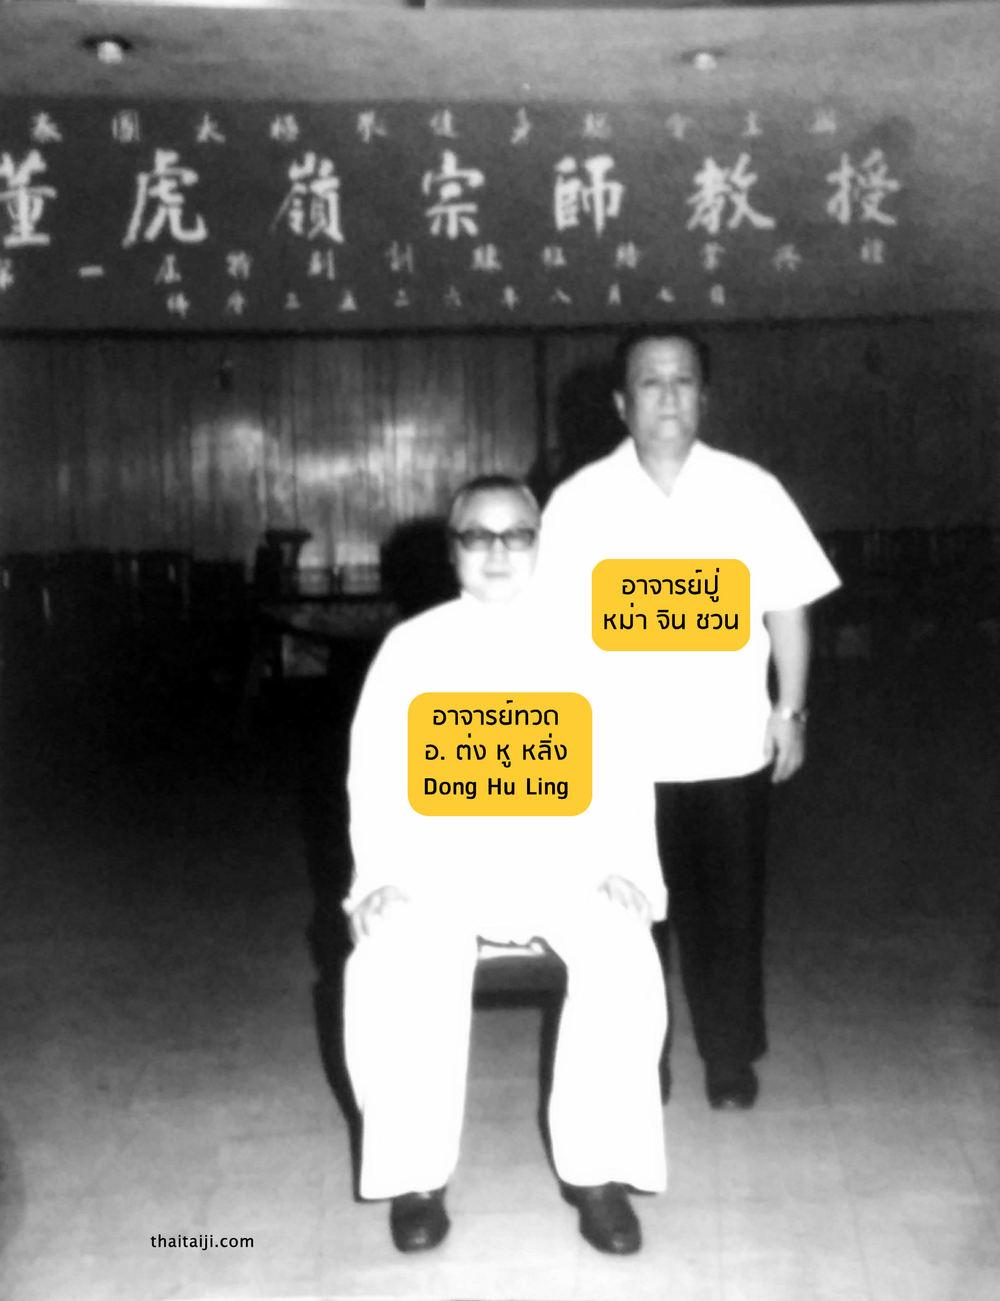 อาจารย์ทวด ต่งหูหลิ่ง (Dong Hu Ling)ถ่ายรูปคู่กับ อาจารย์ปู่ หม่า จิ่น ชวน (Ma Jin Chuan)